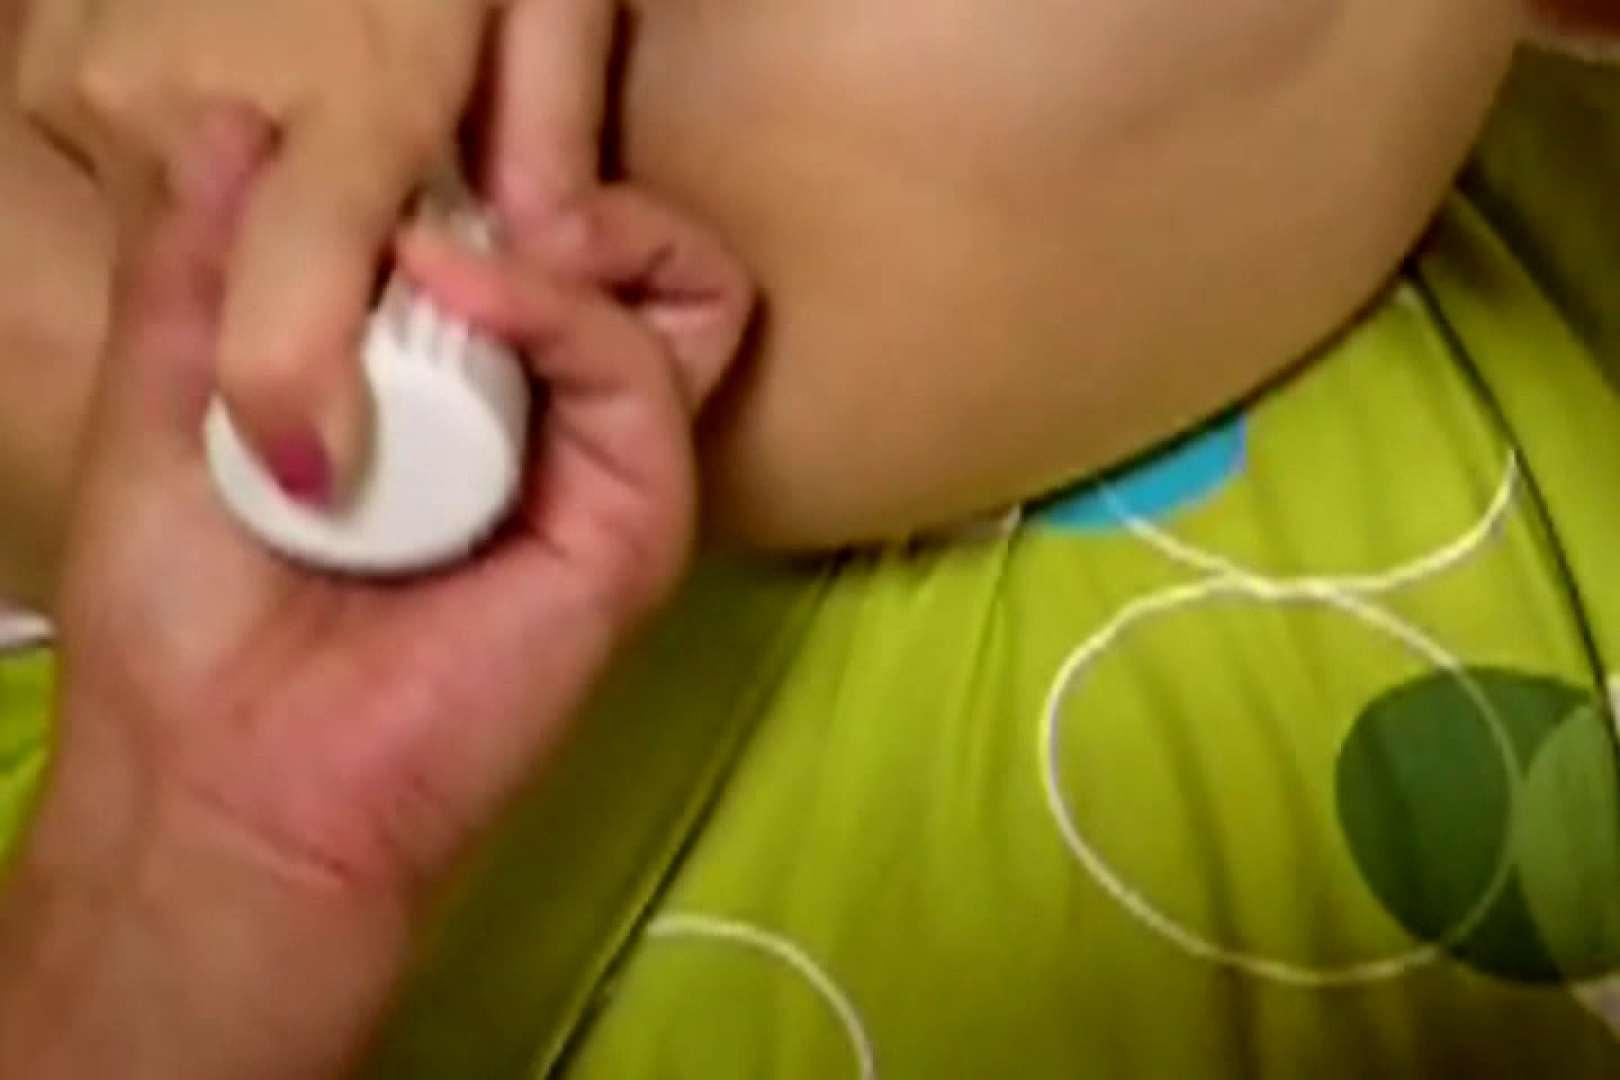 ウイルス流出 スクラムハット社長のアルバム バイブ  92枚 92